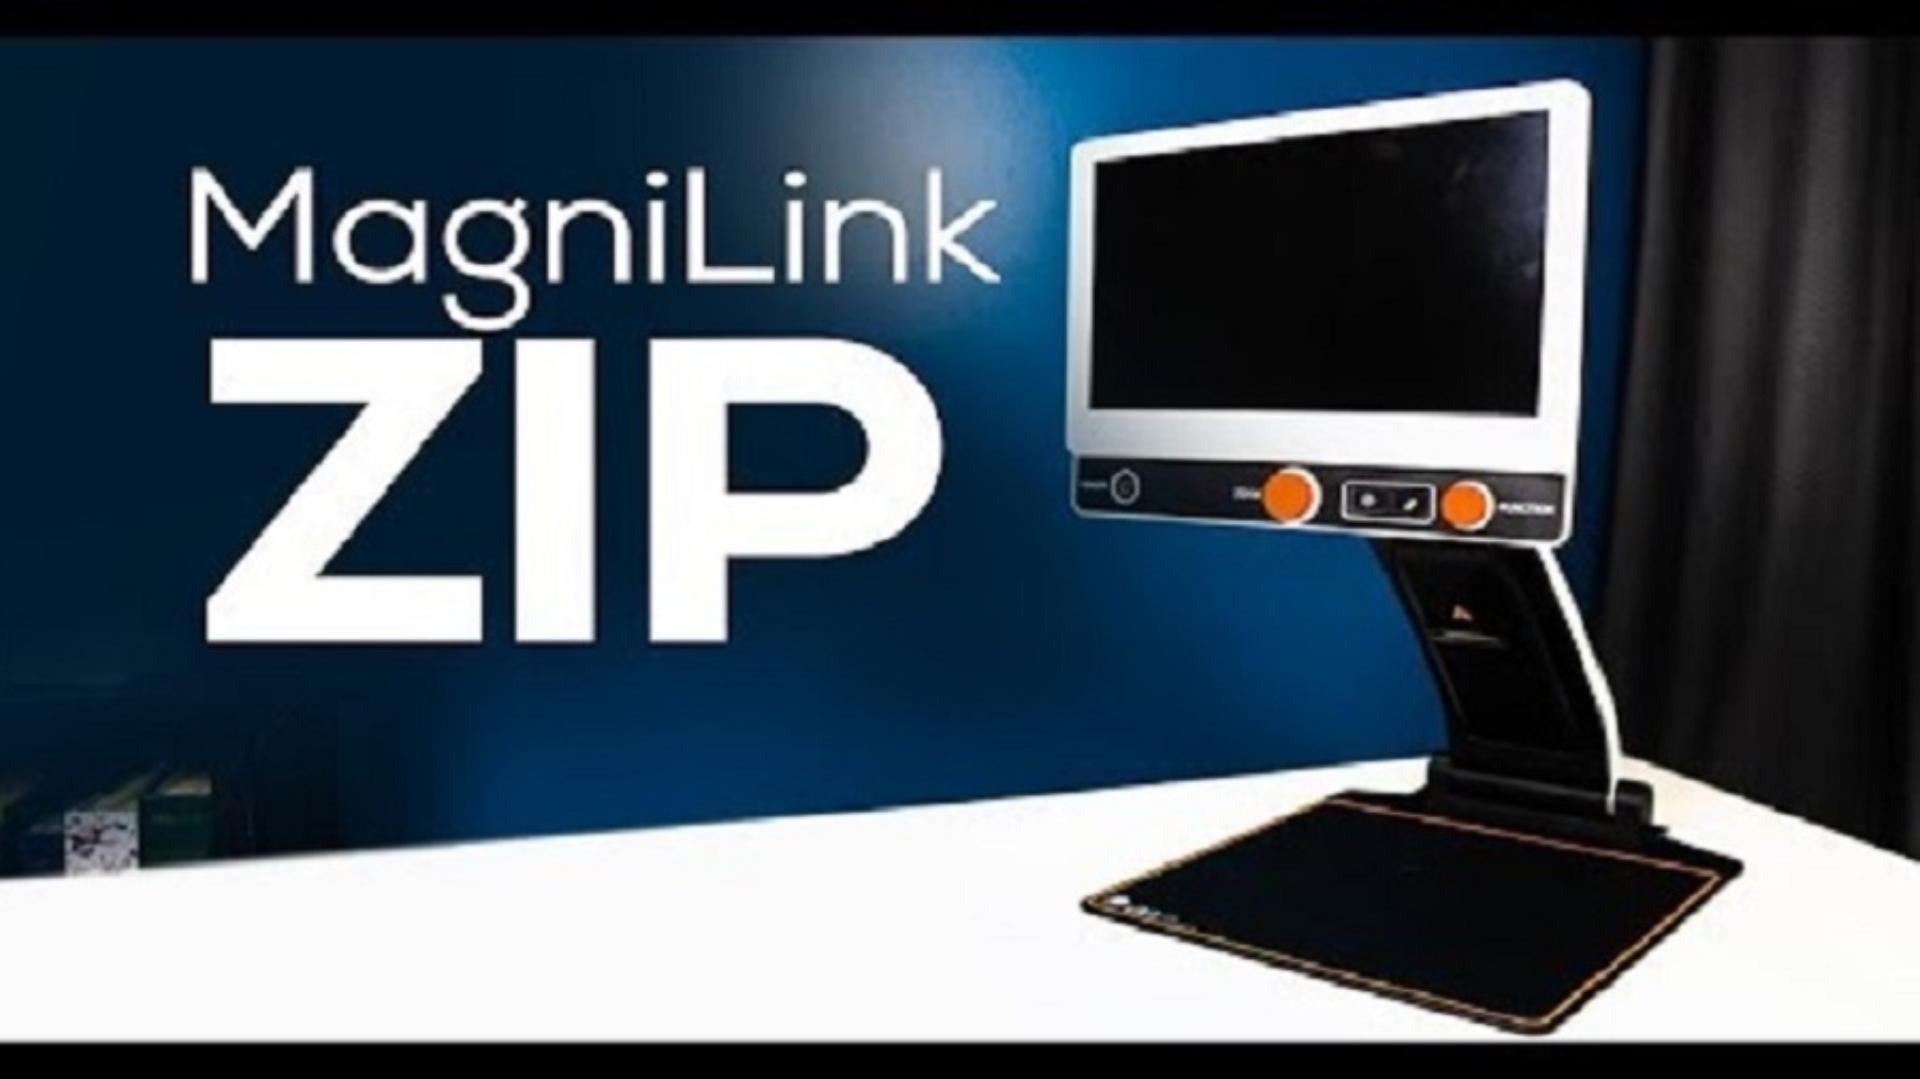 MagniLink Zip device